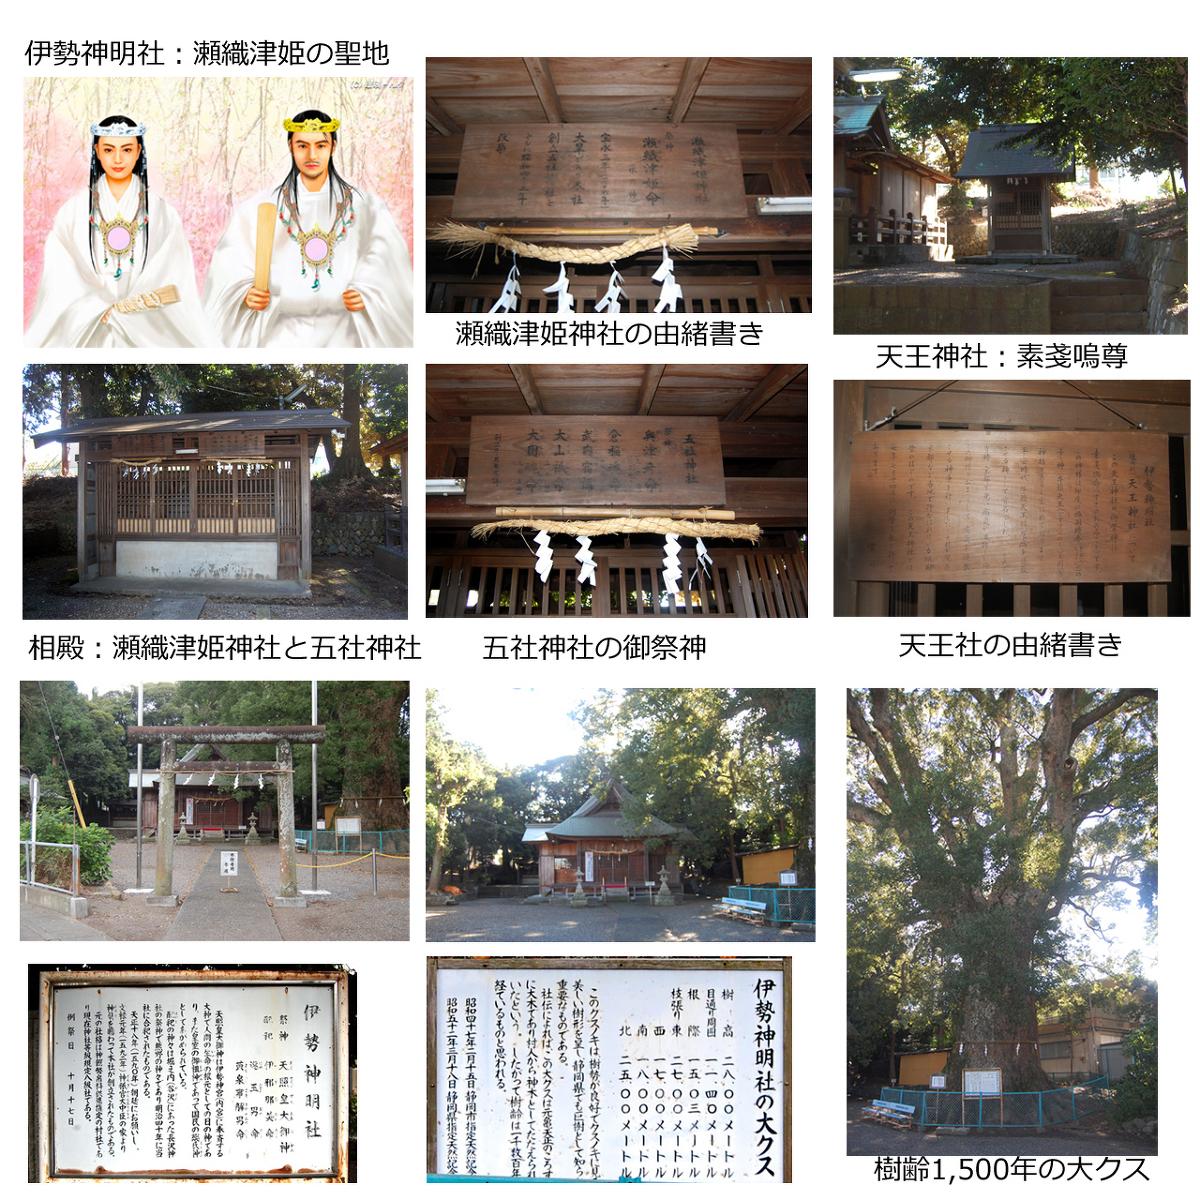 f:id:tukishiro_art_lab:20190708102933j:plain